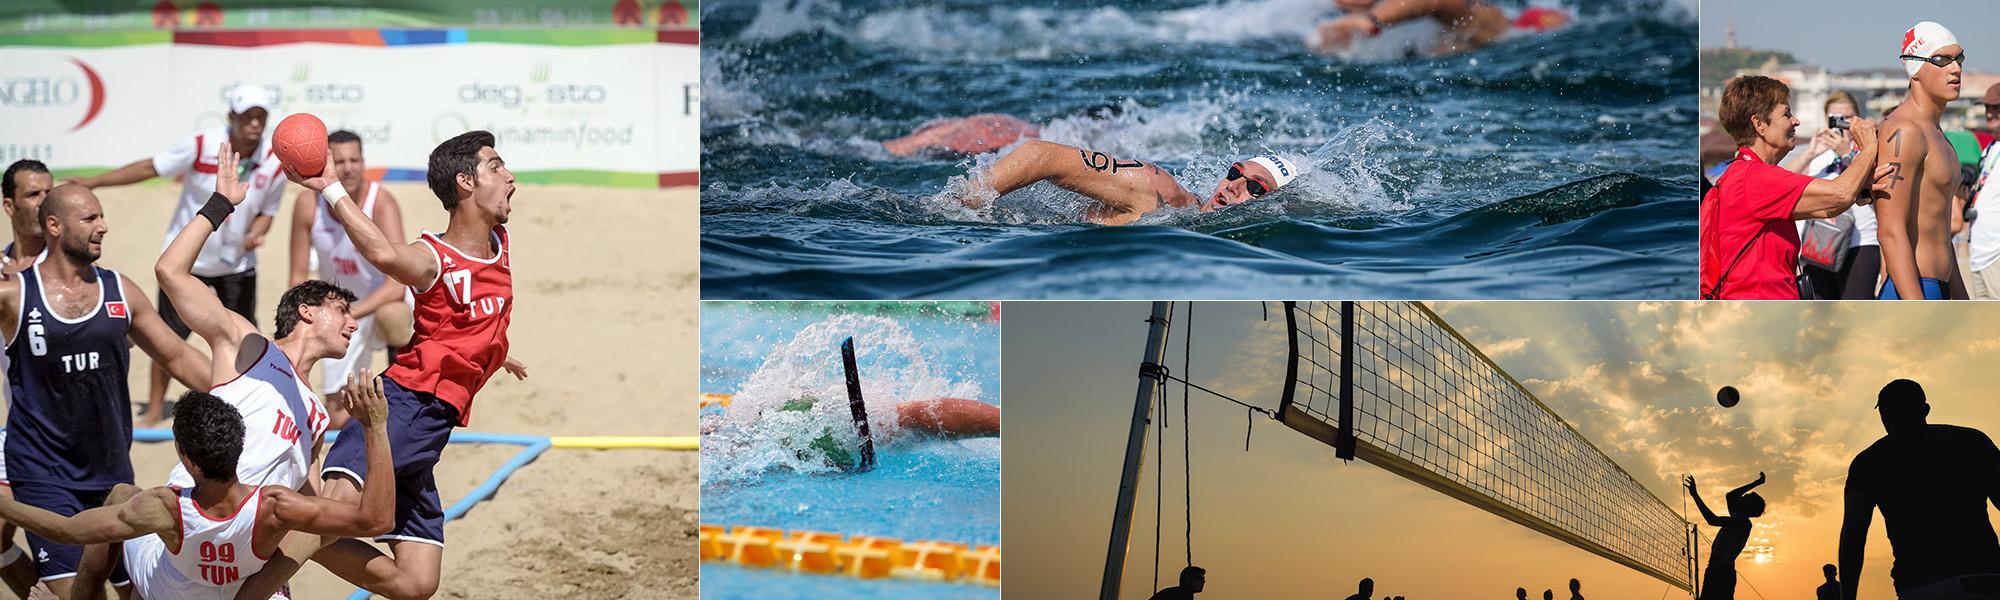 دورة الألعاب الشاطئية المتوسطية باتراس – اليونان 2019